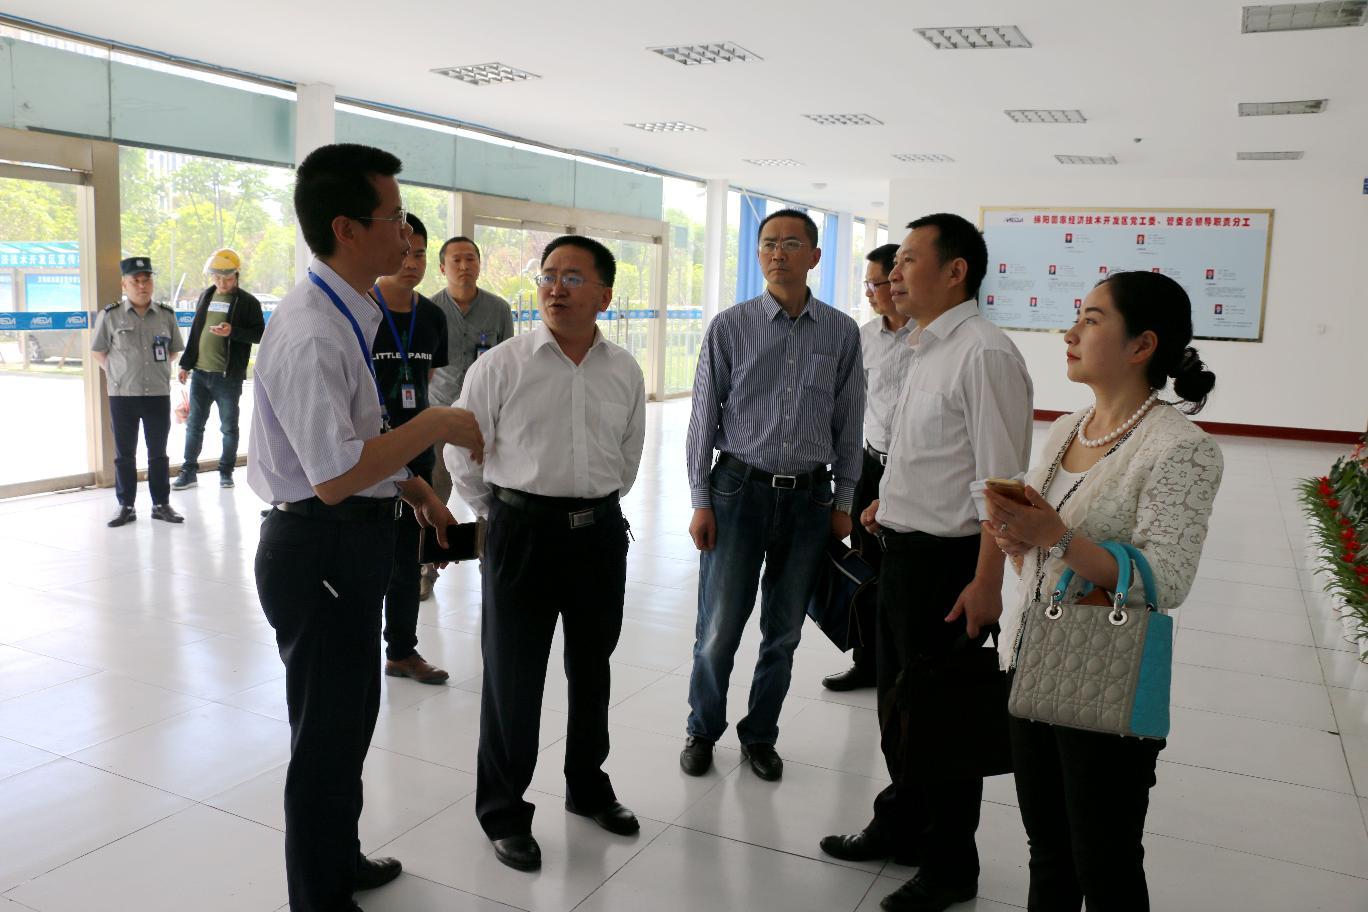 市政务服务管理局局长蒋玉平对经开区管委会进行工作调研